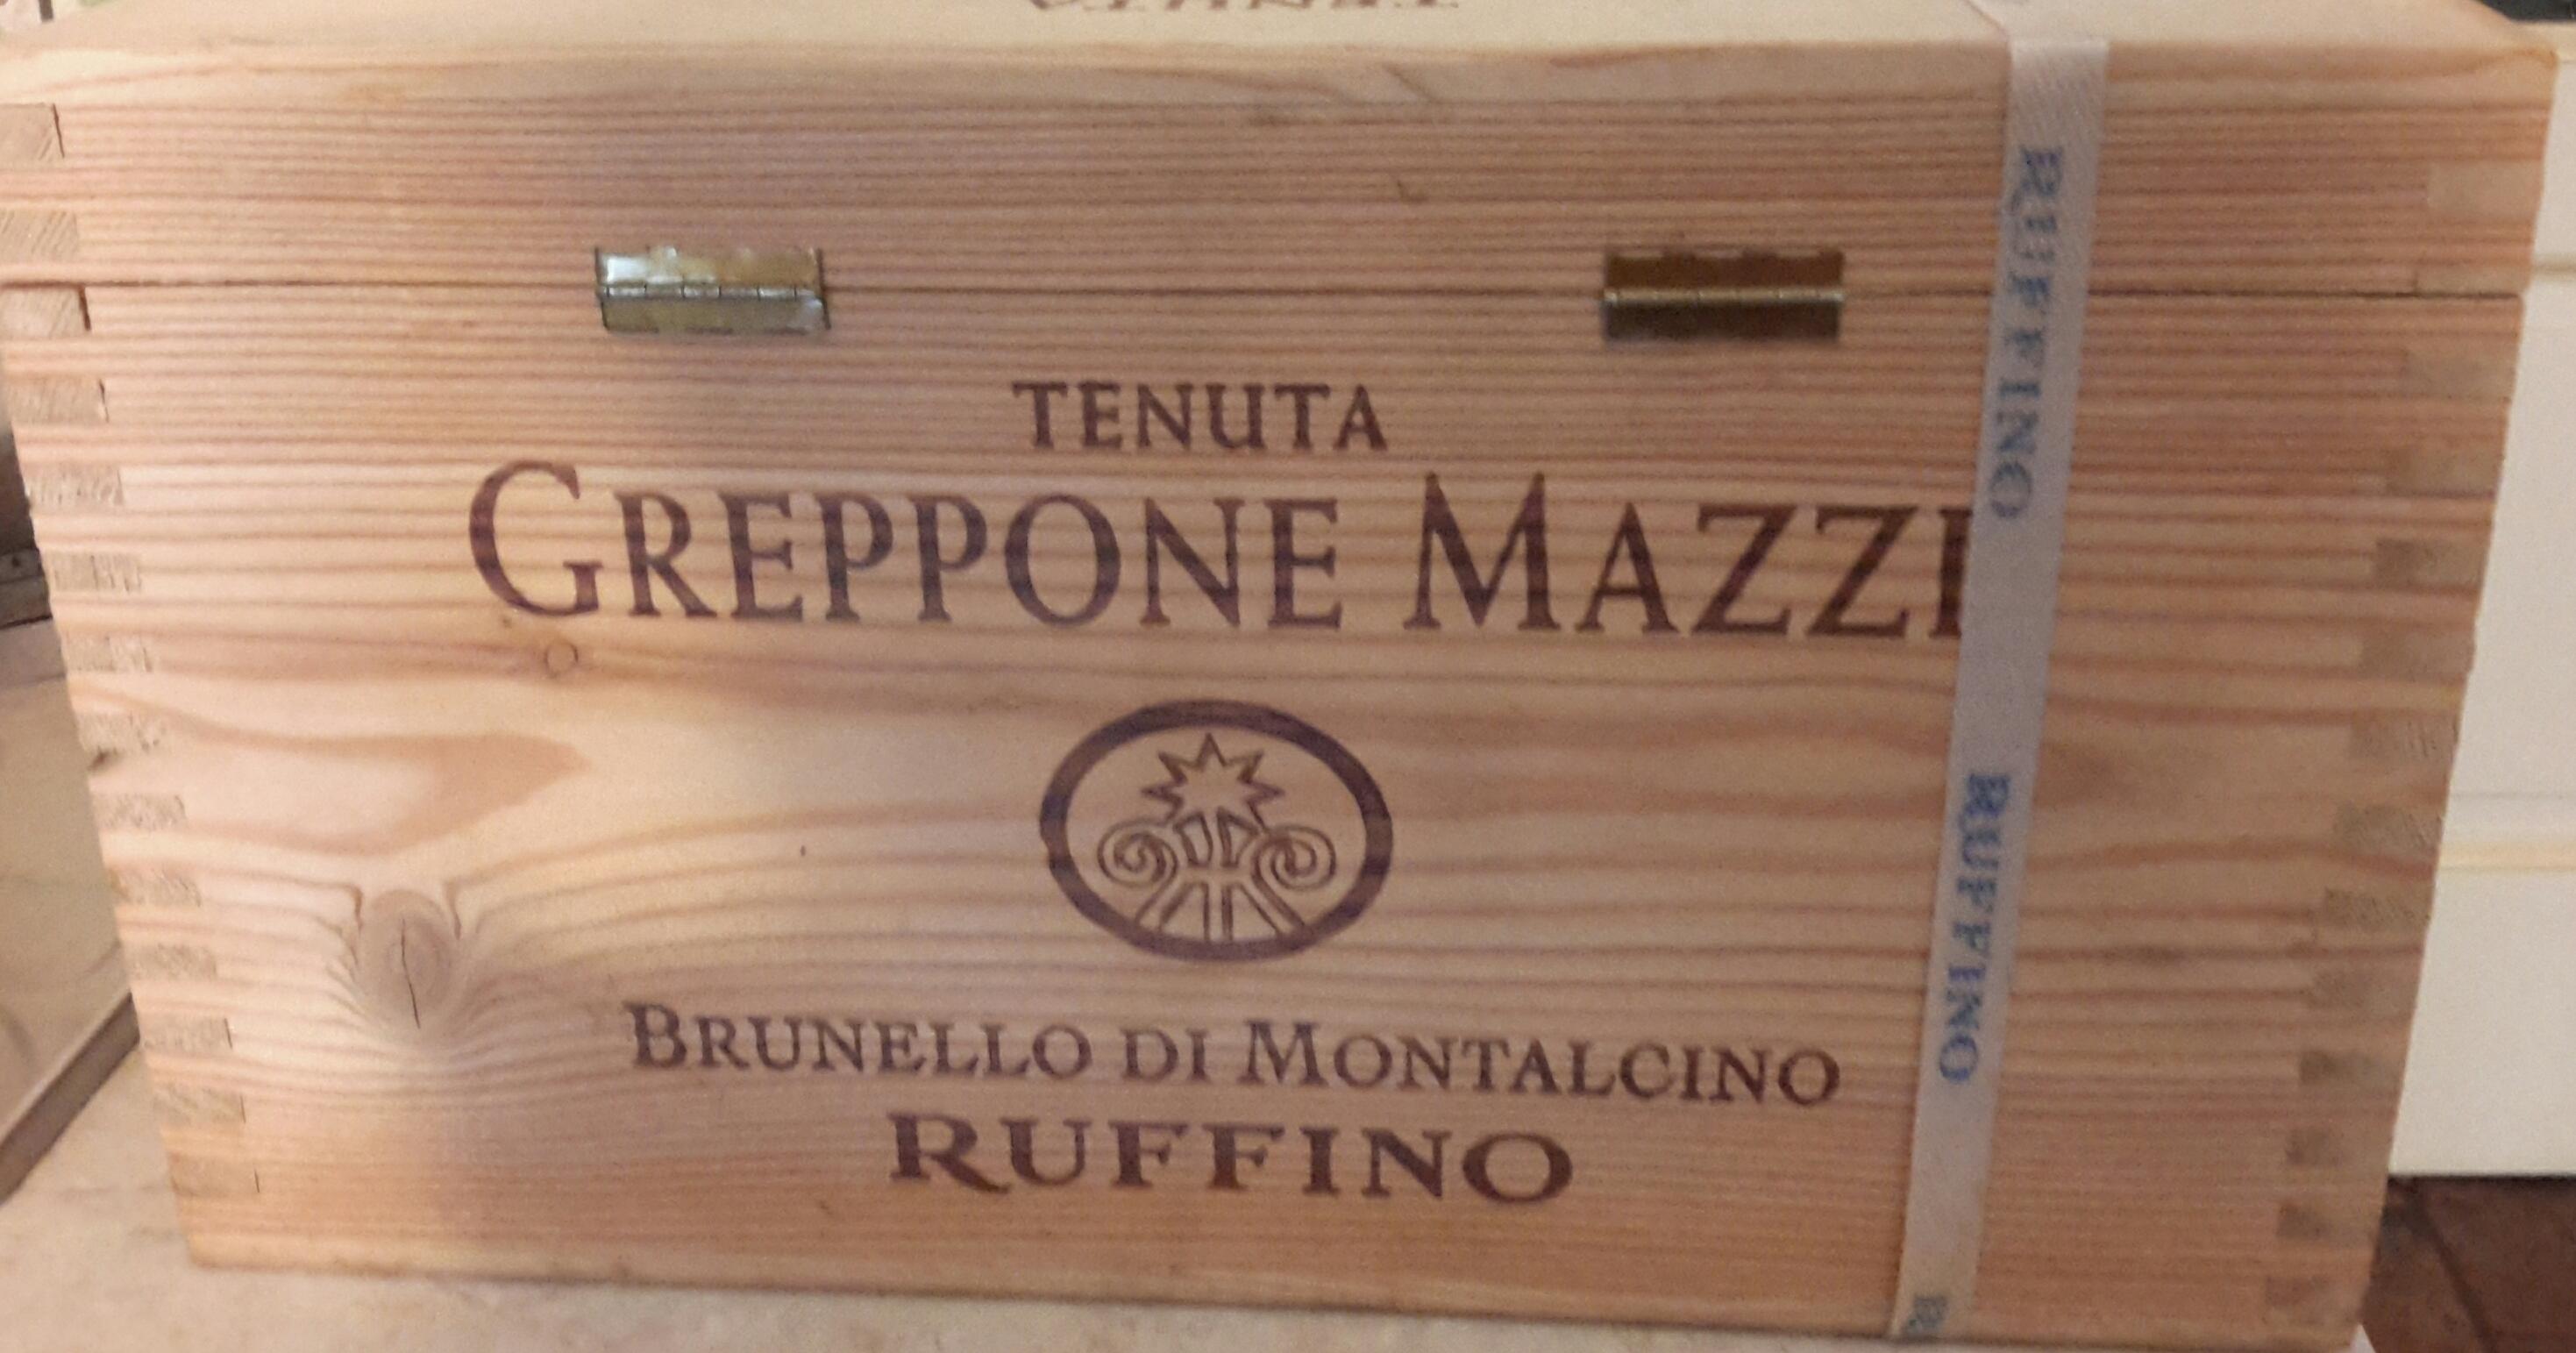 Brunello di Montalcino Ruffino  2003 - Tenuta Greppone Mazzi